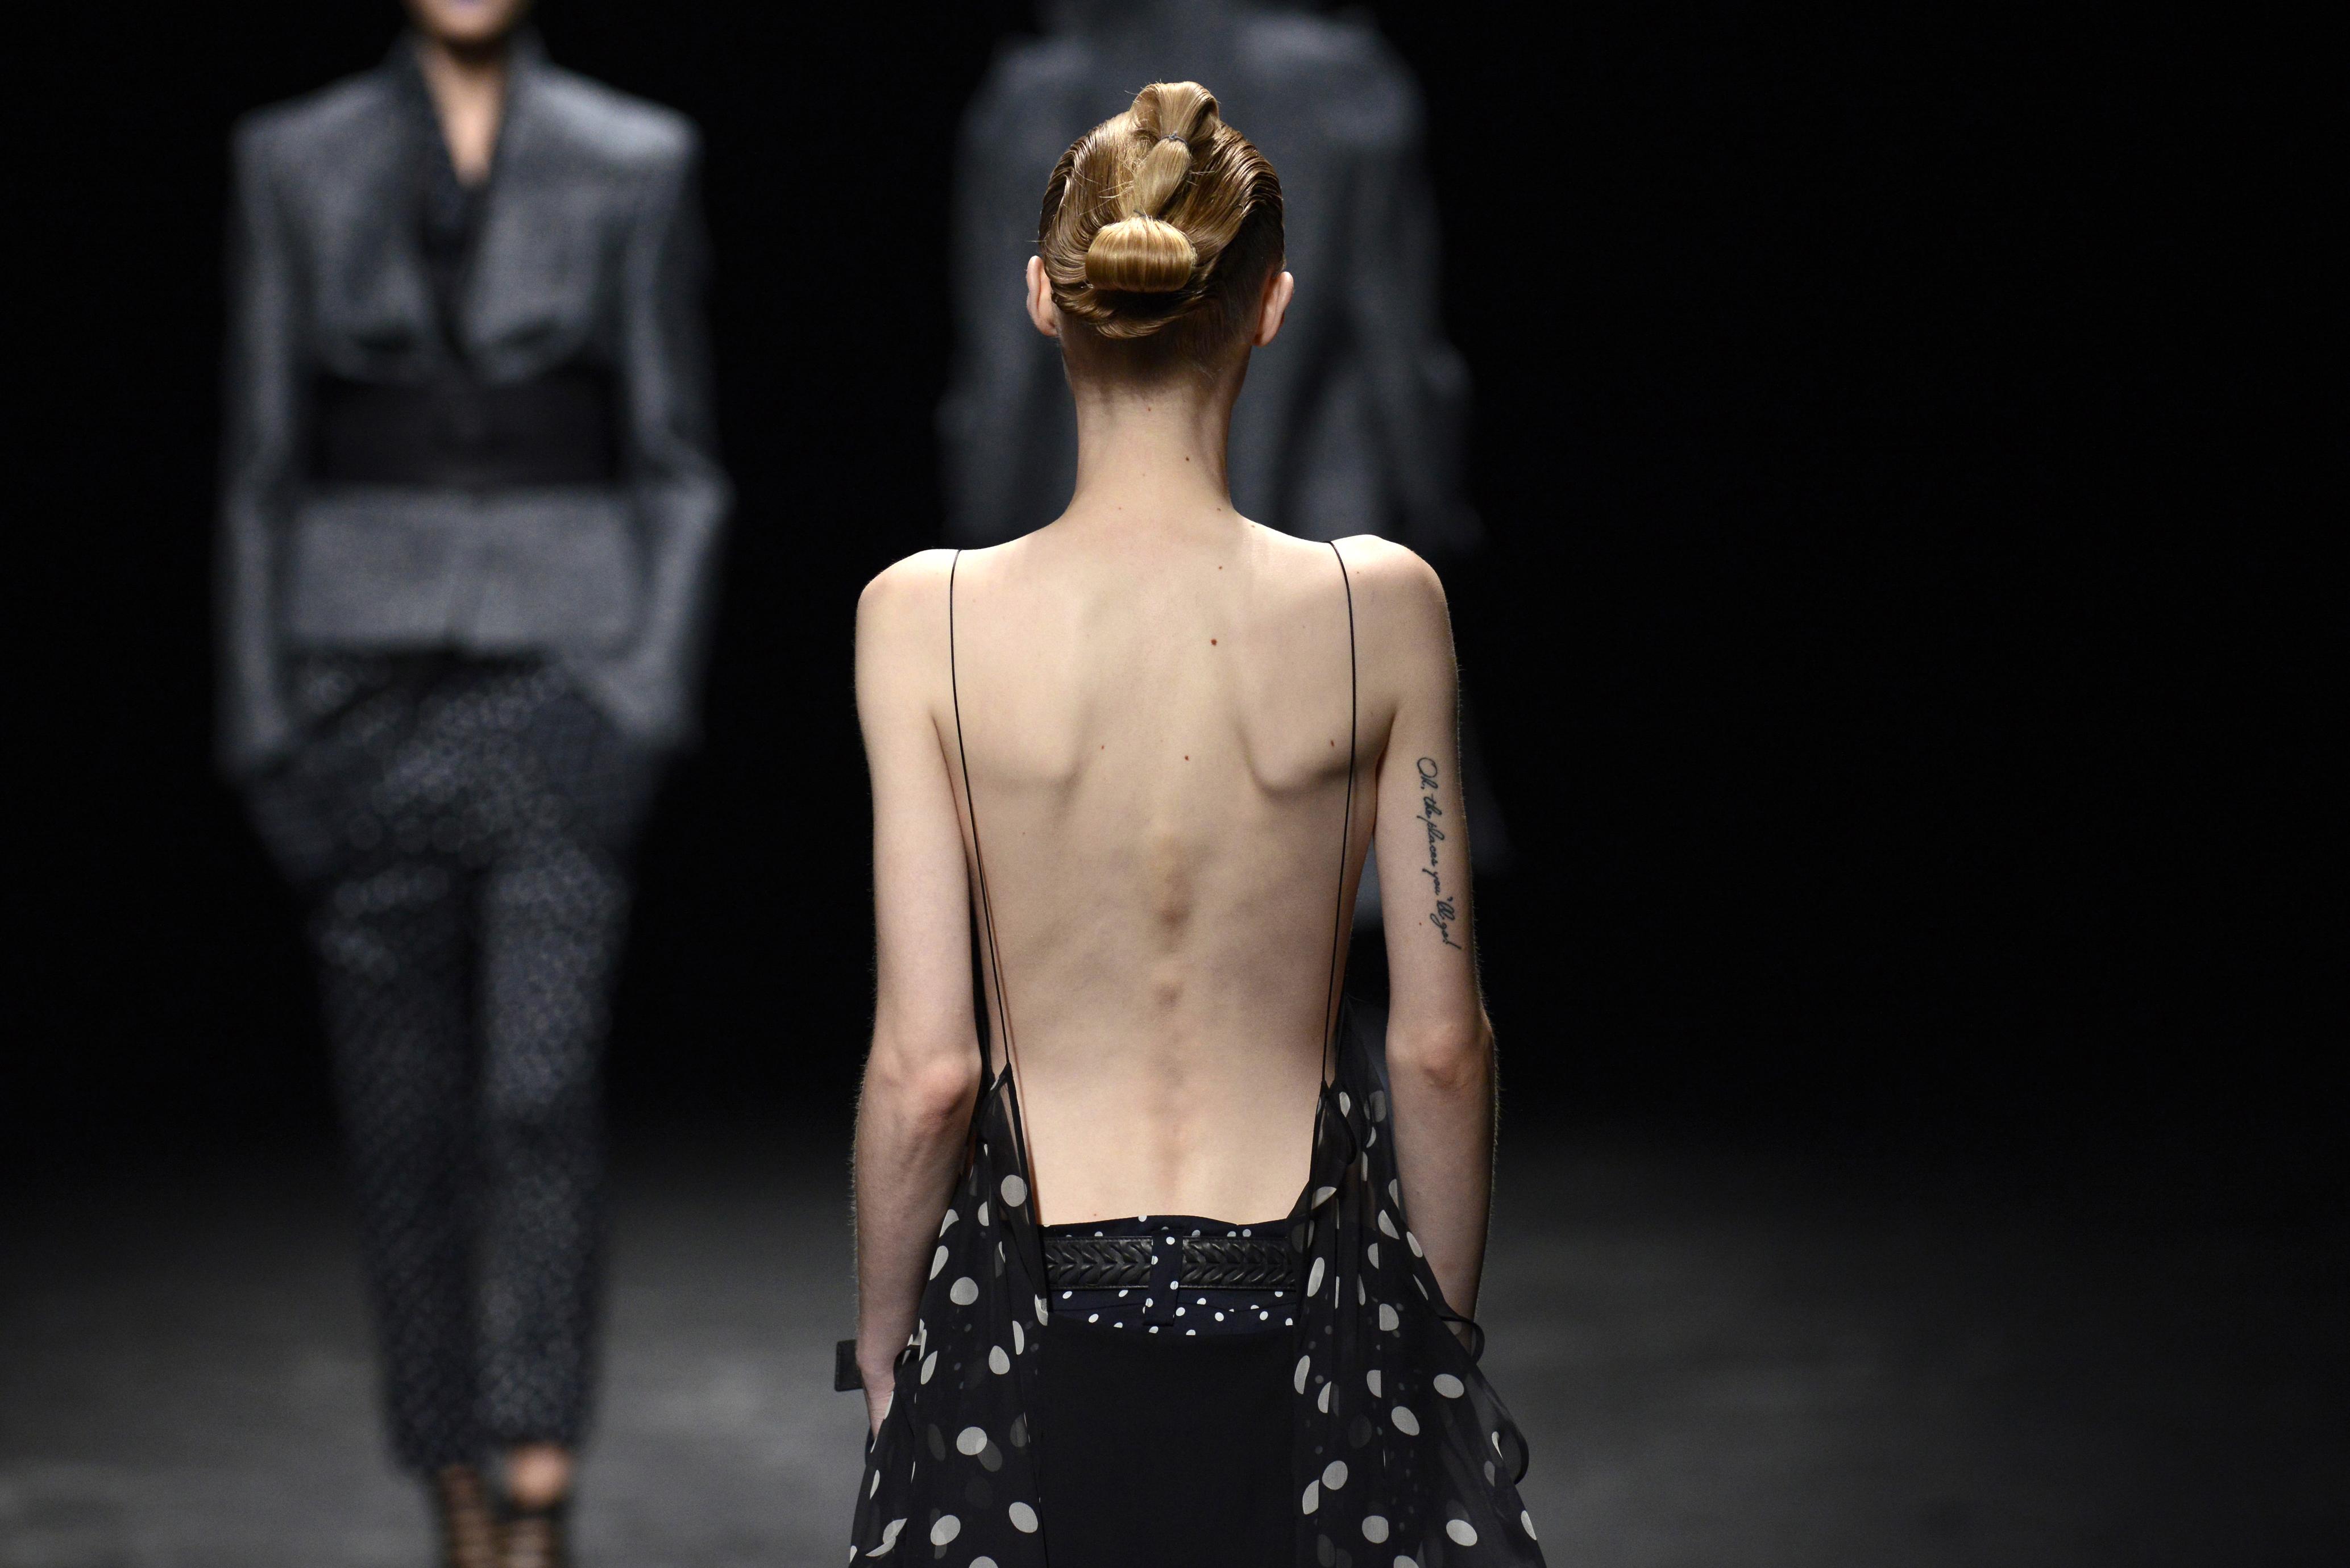 Nemcsak mentális, hanem testi okai is vannak az anorexiának egy új kutatás szerint